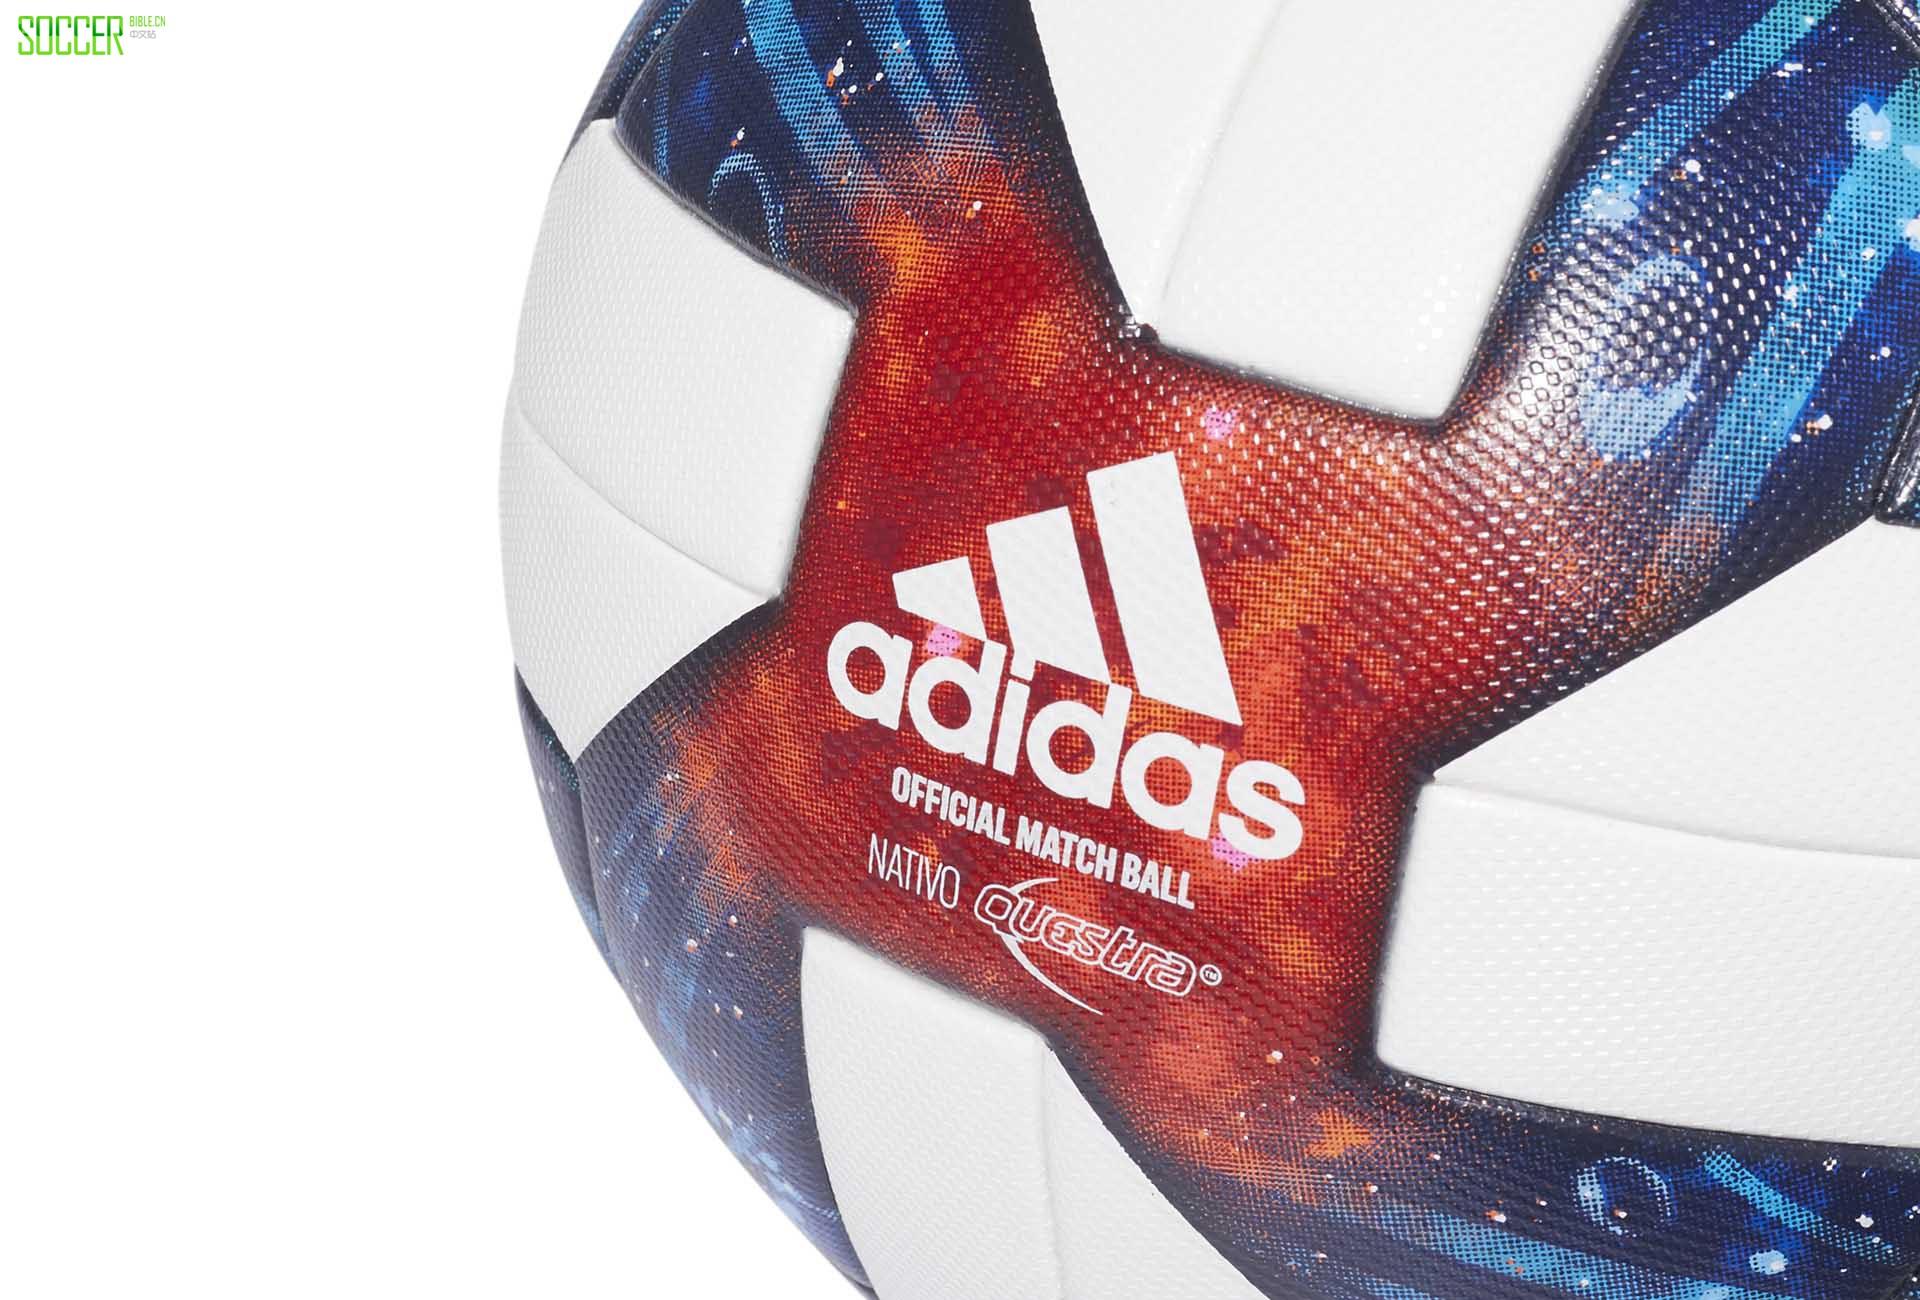 阿迪达斯发布2019年MLS联赛的官方比赛用球